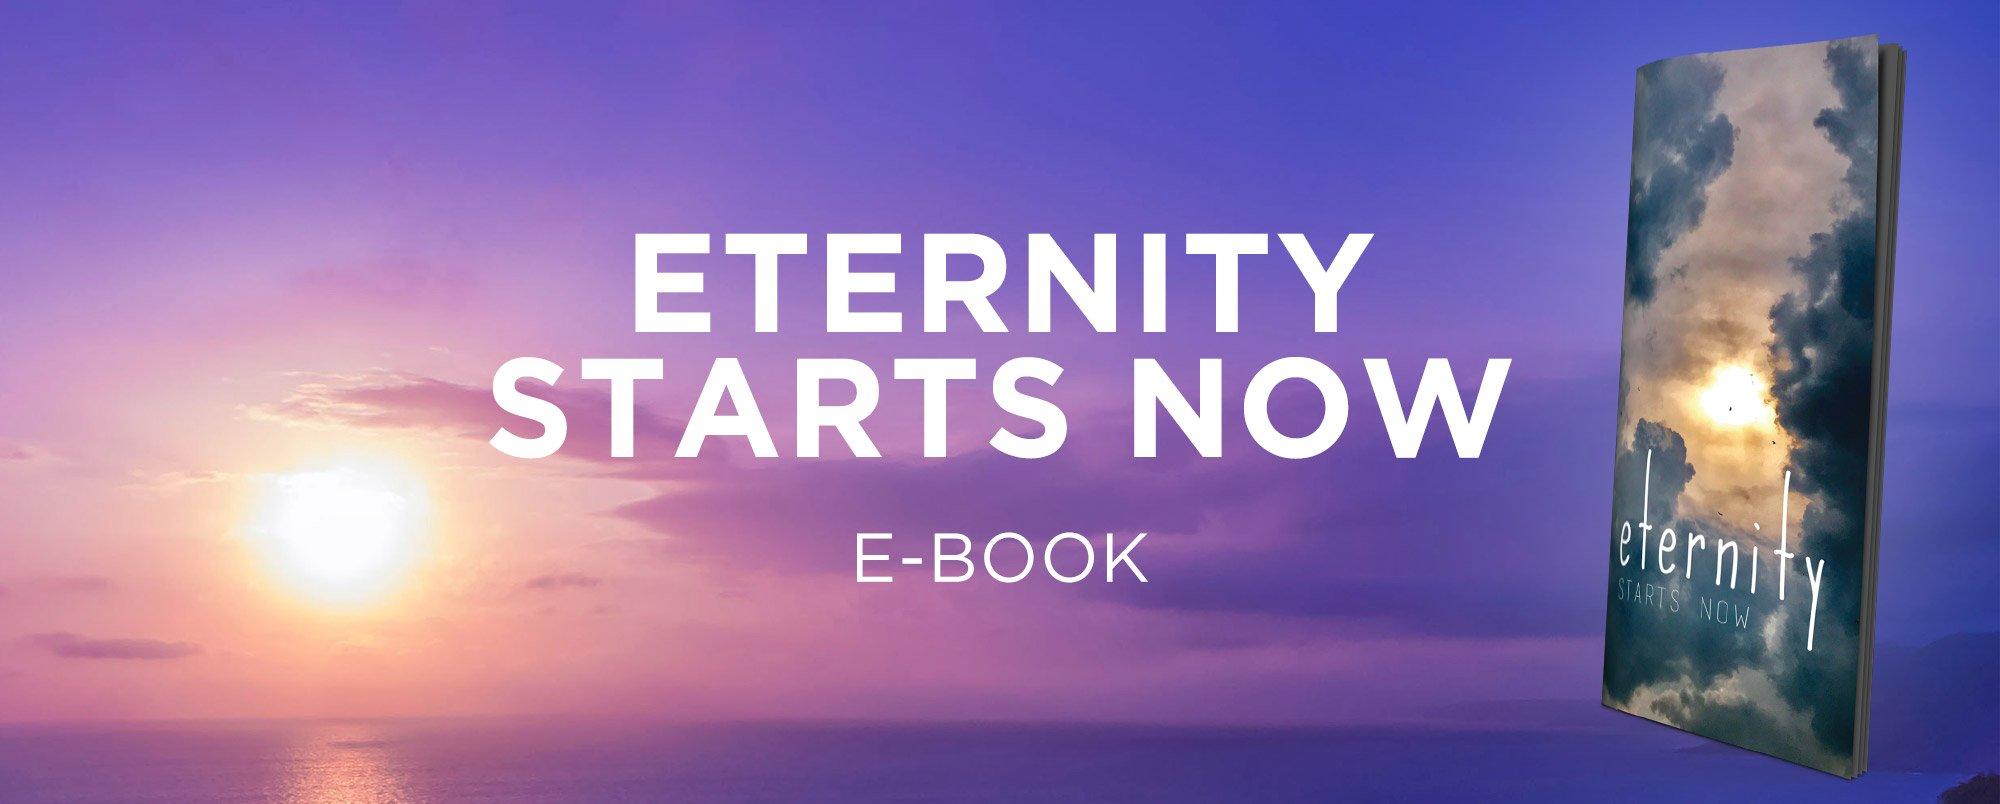 Eternity Starts Now